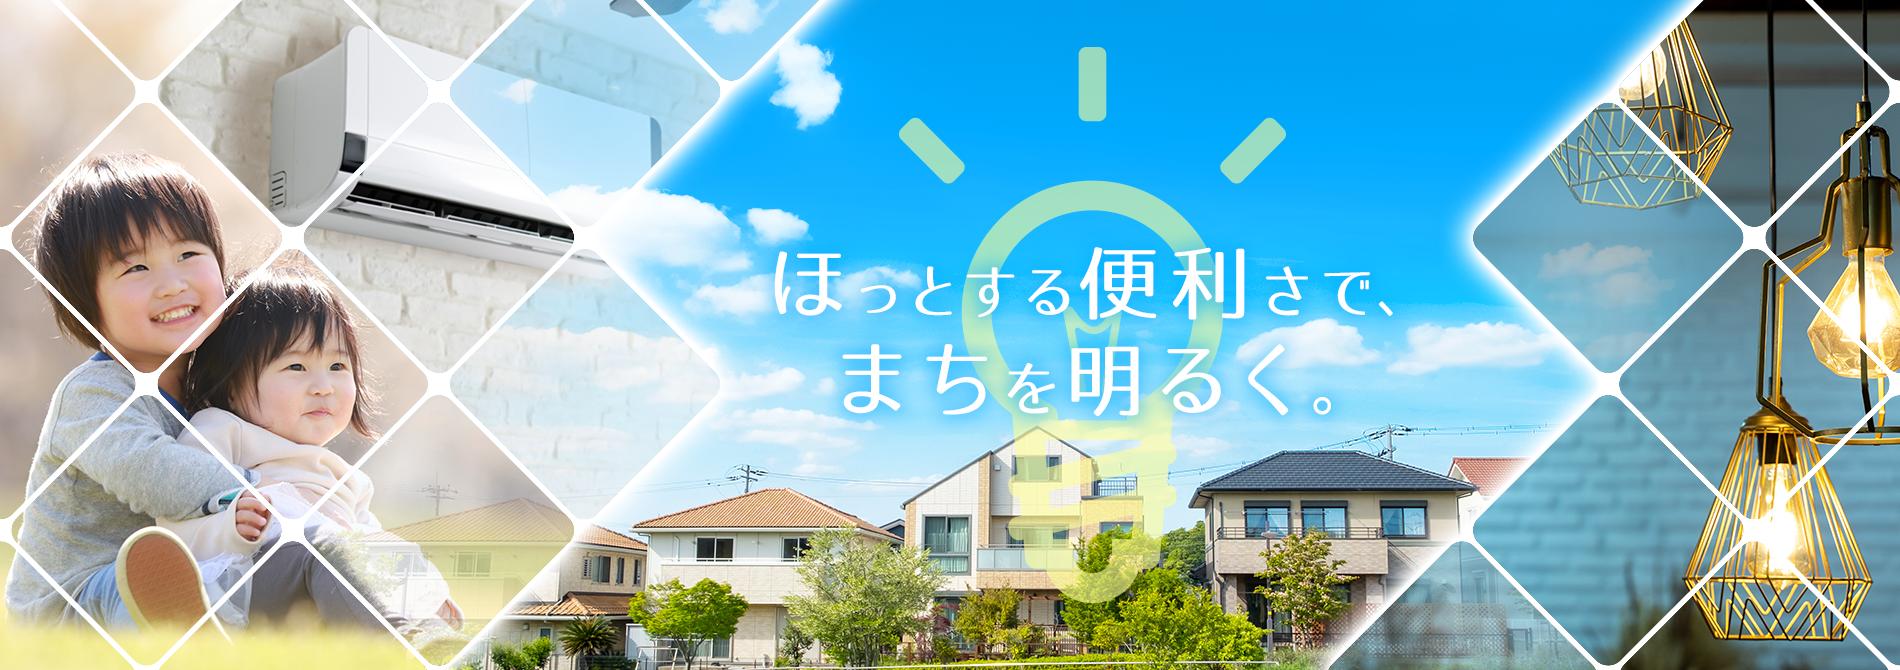 株式会社澤田電気工事